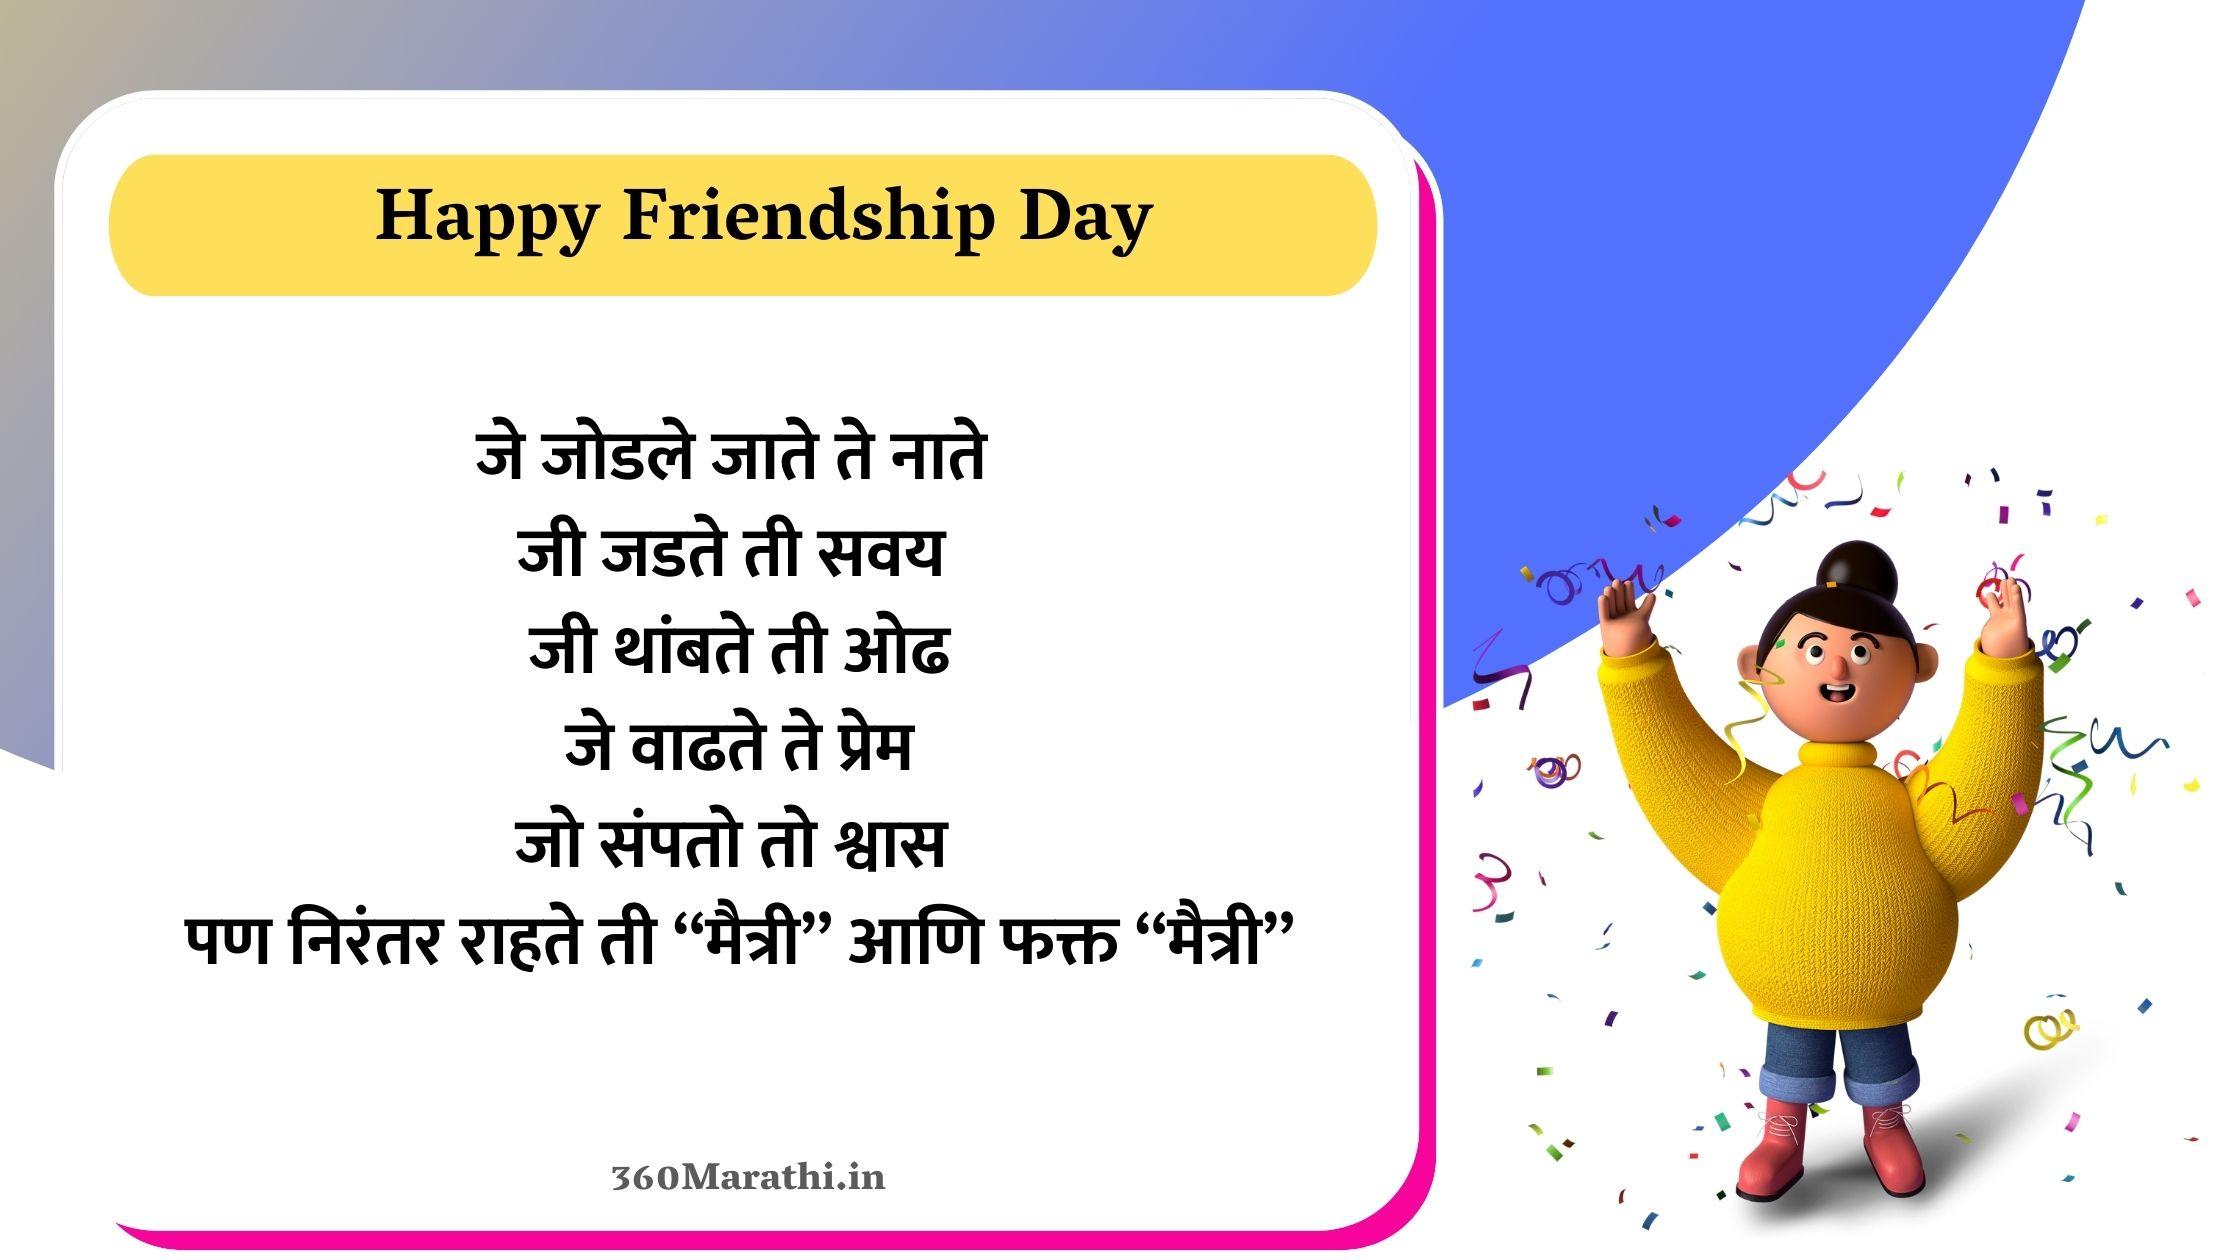 जागतिक मैत्री दिनाच्या हार्दिक शुभेच्छा संदेश, स्टेटस, बॅनर | Friendship day quotes in marathi